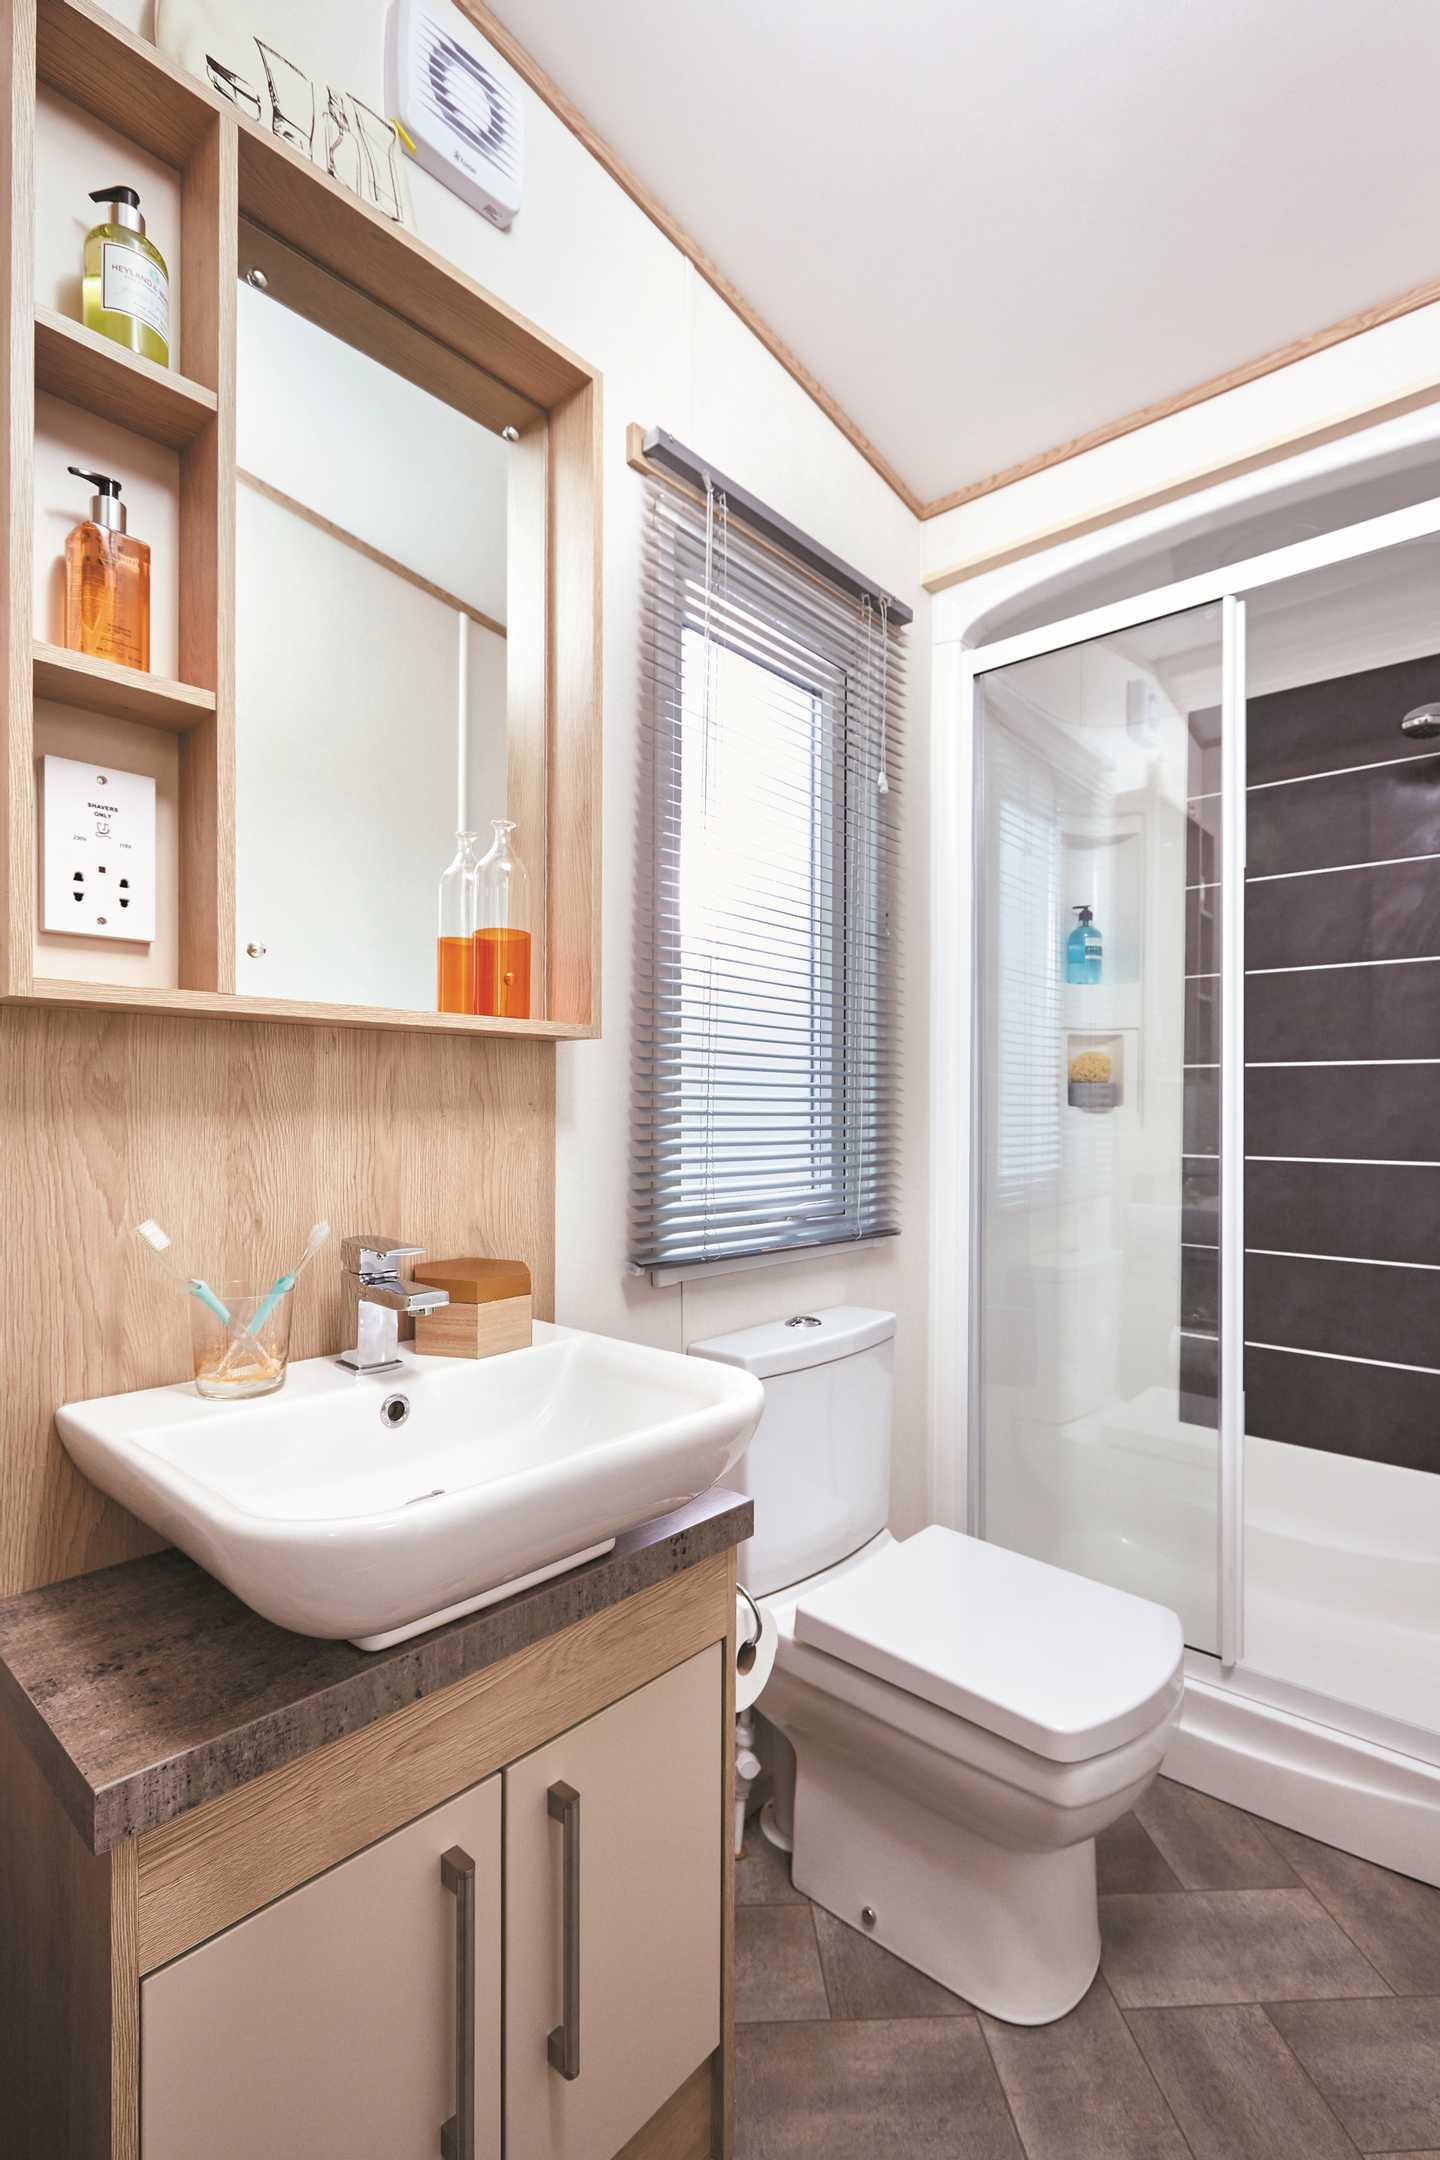 ABI Malham bathroom